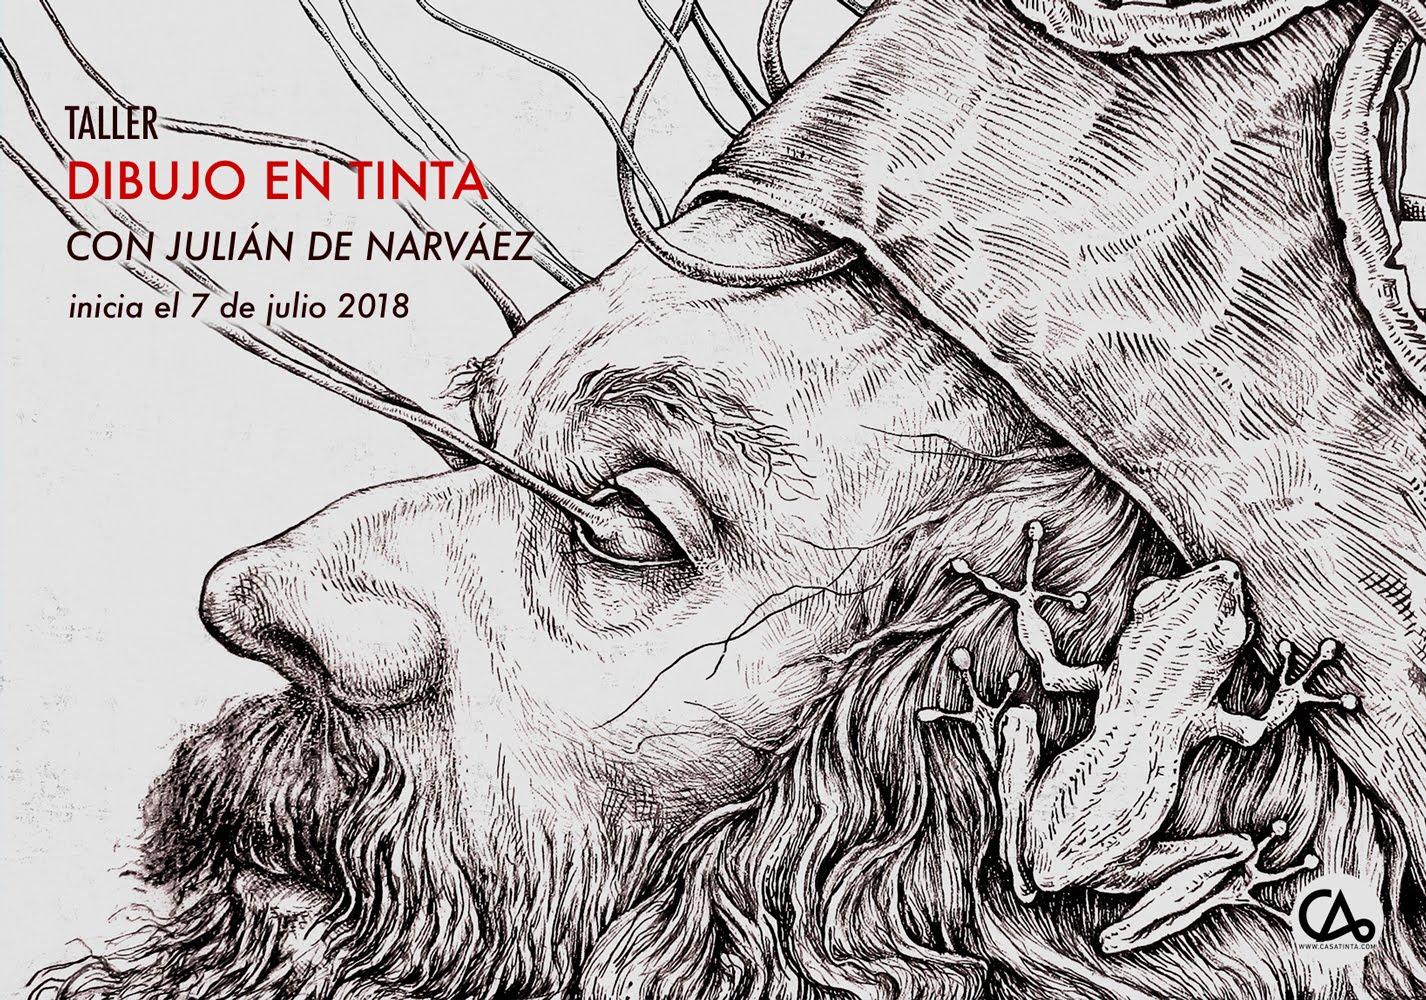 DIBUJO EN TINTA con Julián de Narváez // 7 de julio